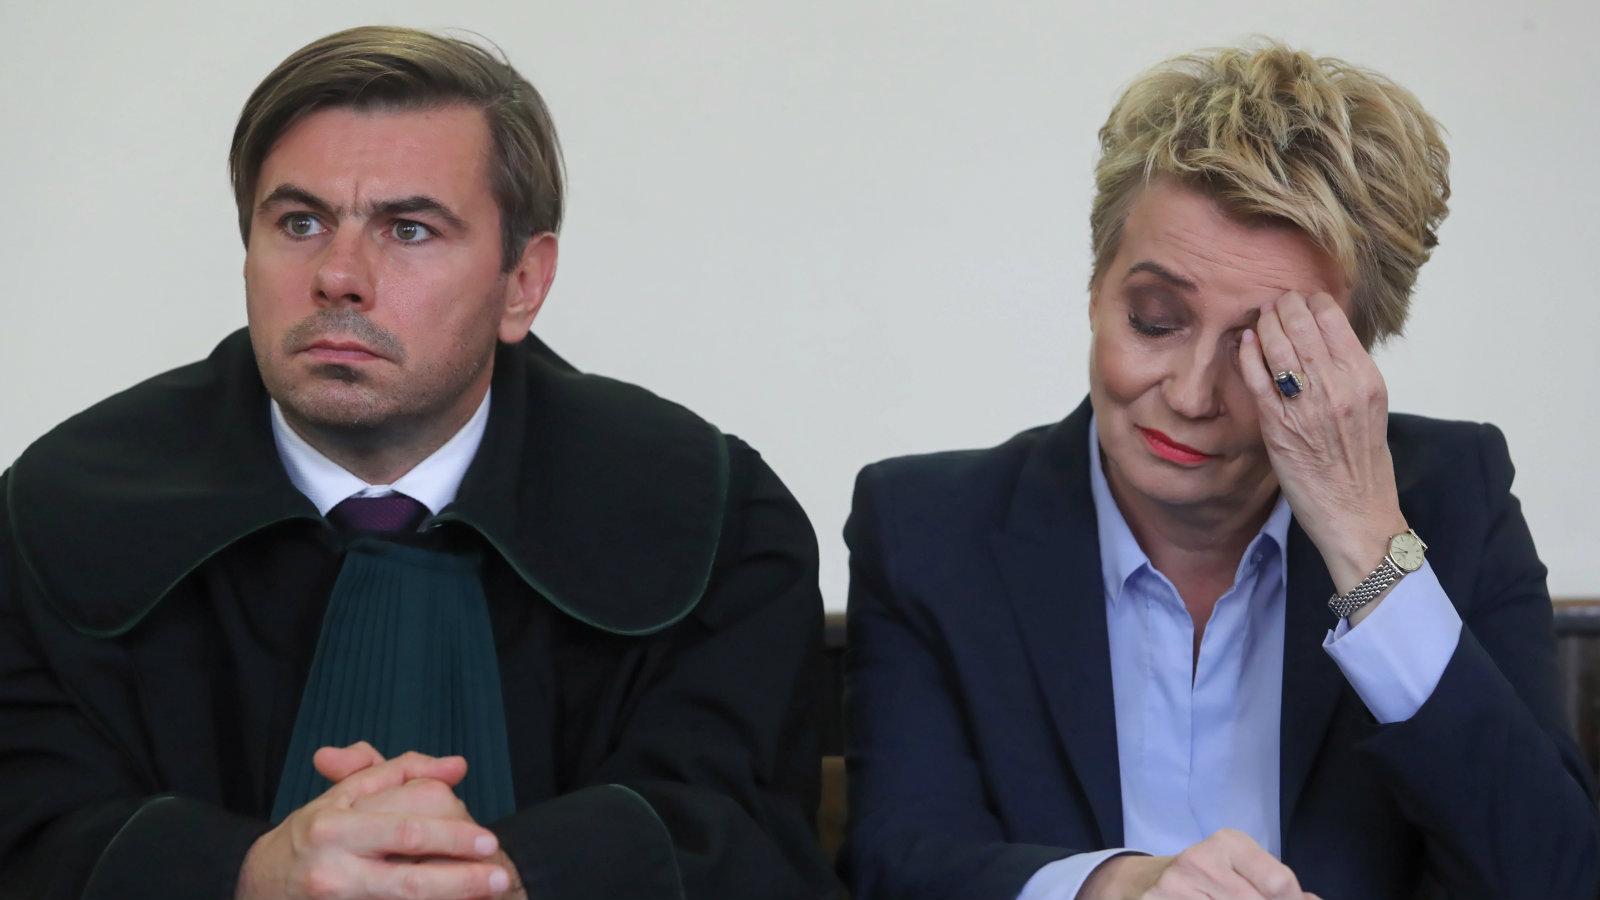 27.09.2018   Prezydent Łodzi Hanna Zdanowska skazana za poświadczenie nieprawdy